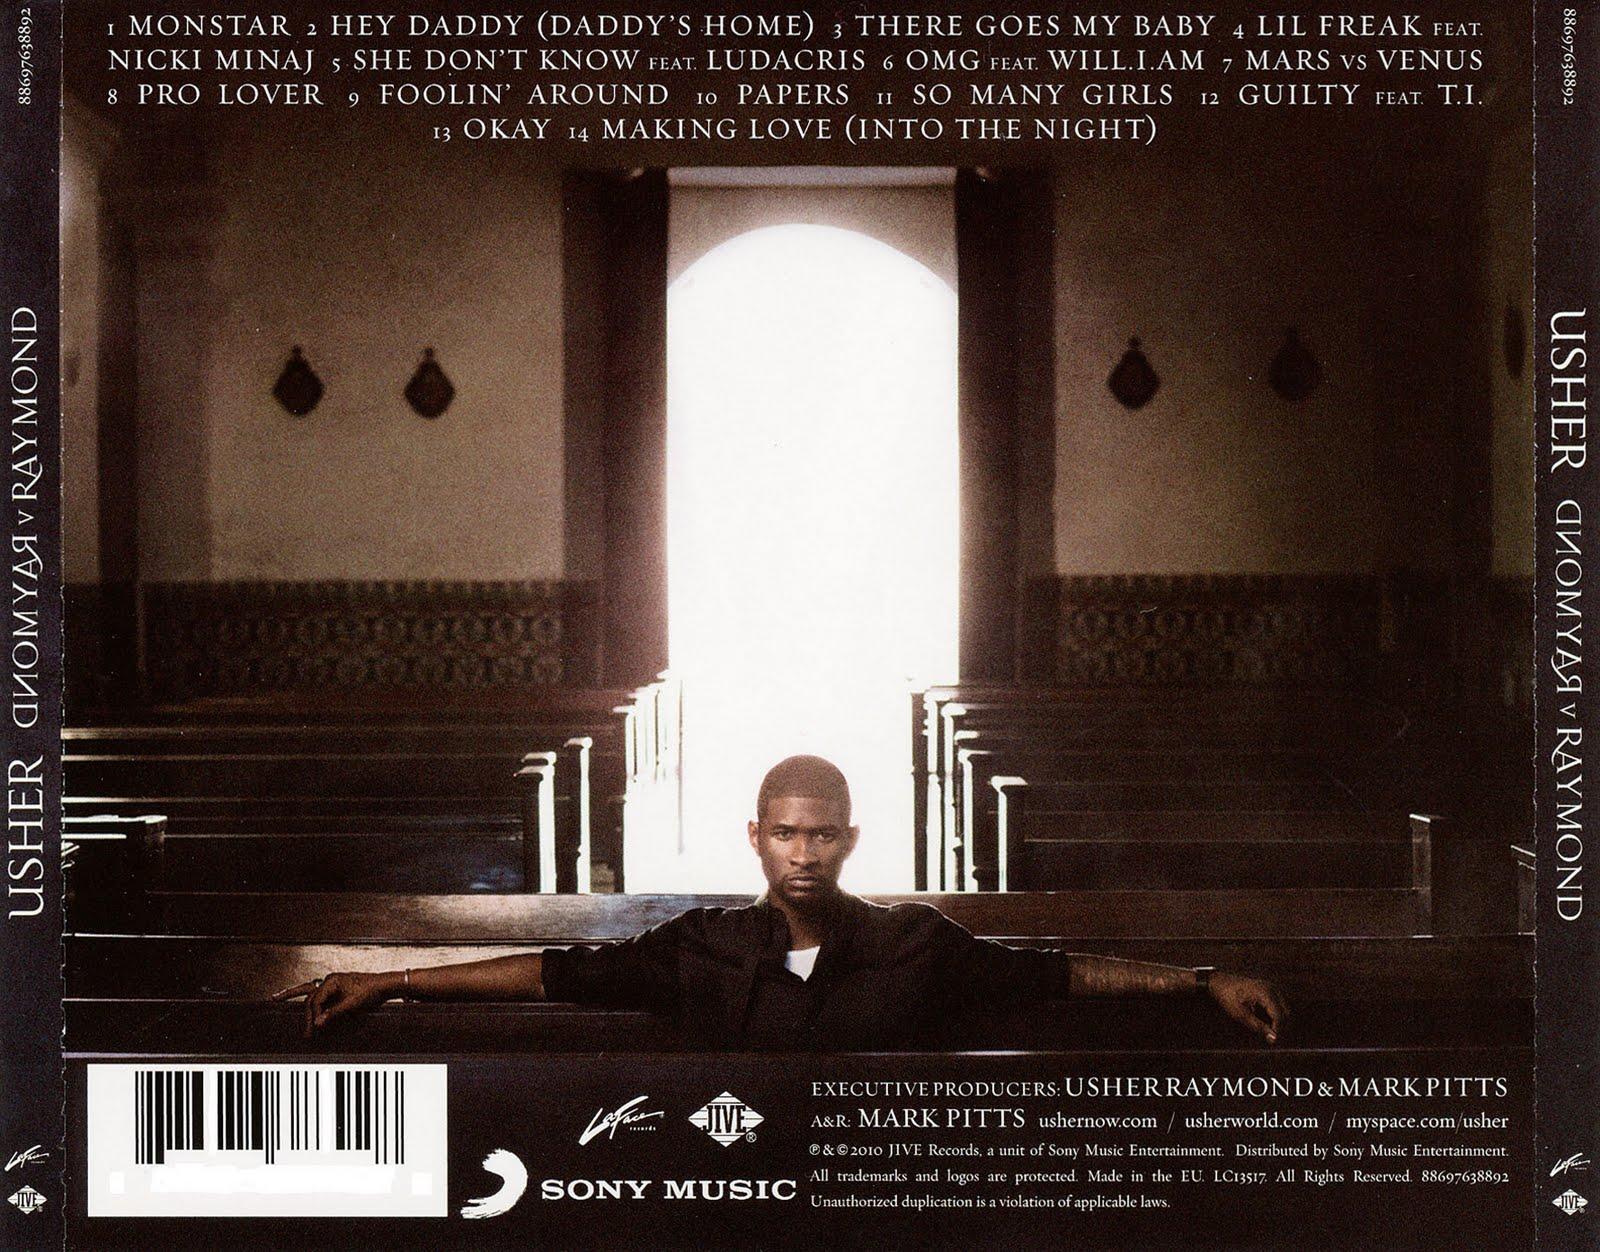 Usher raymond music